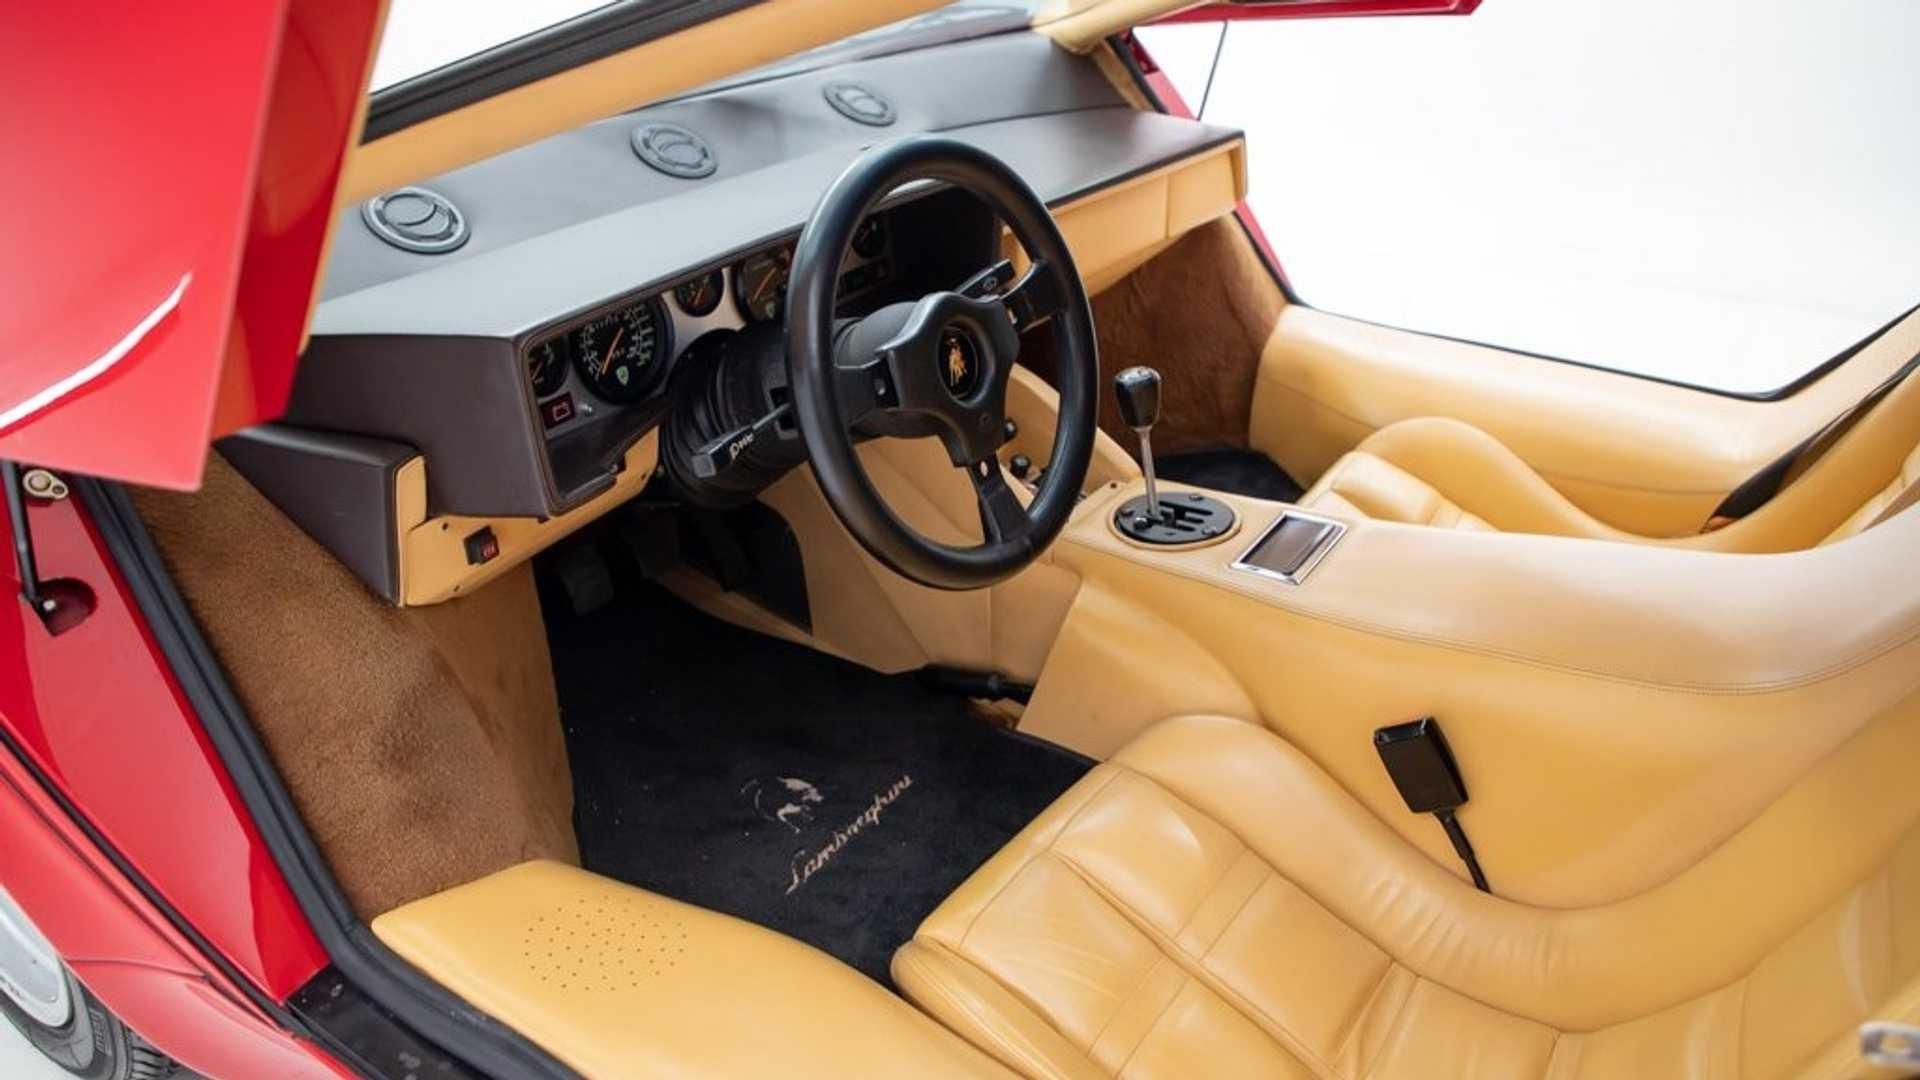 Lamborghini Countach M A Interior (1)